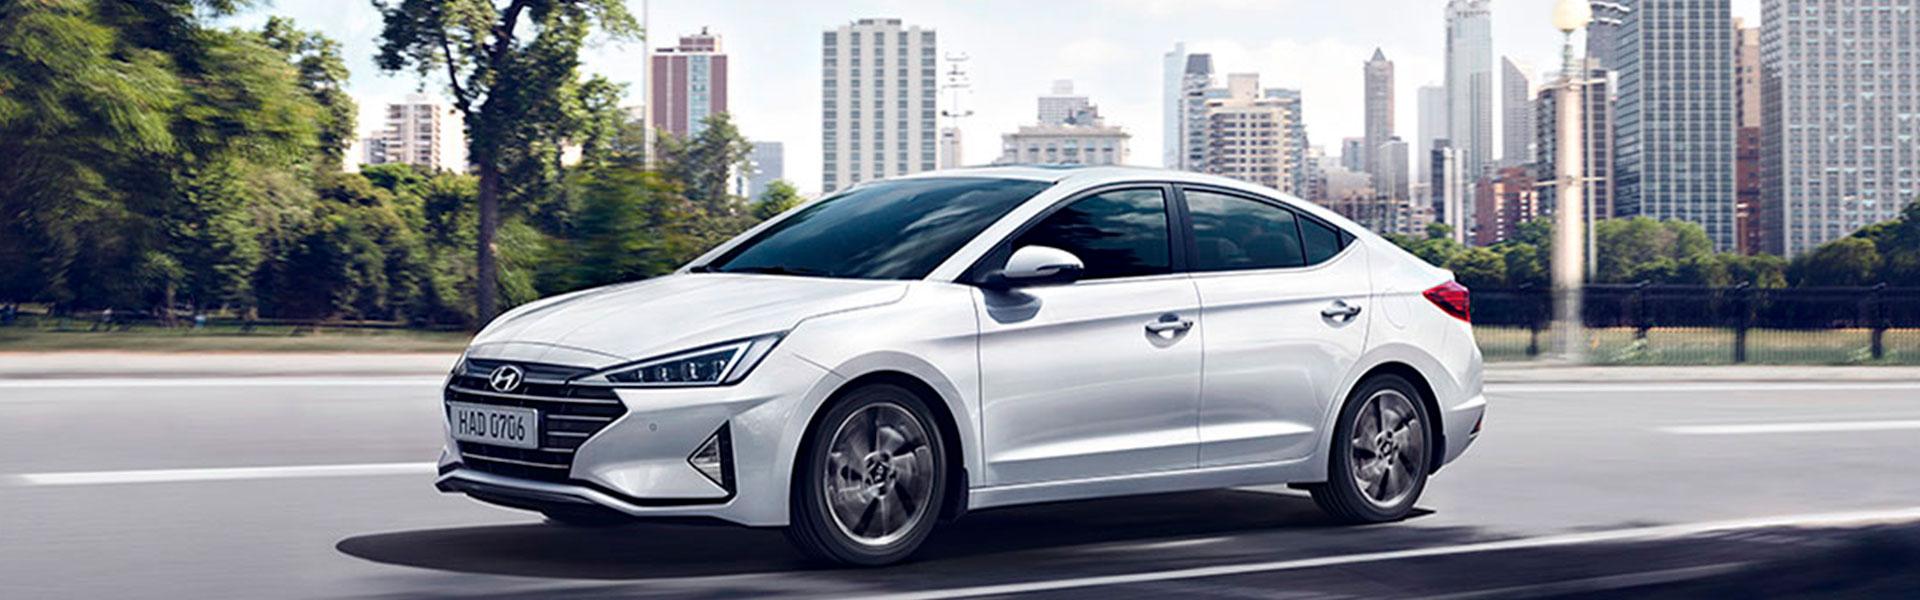 Hyundai Elantra New - обзор